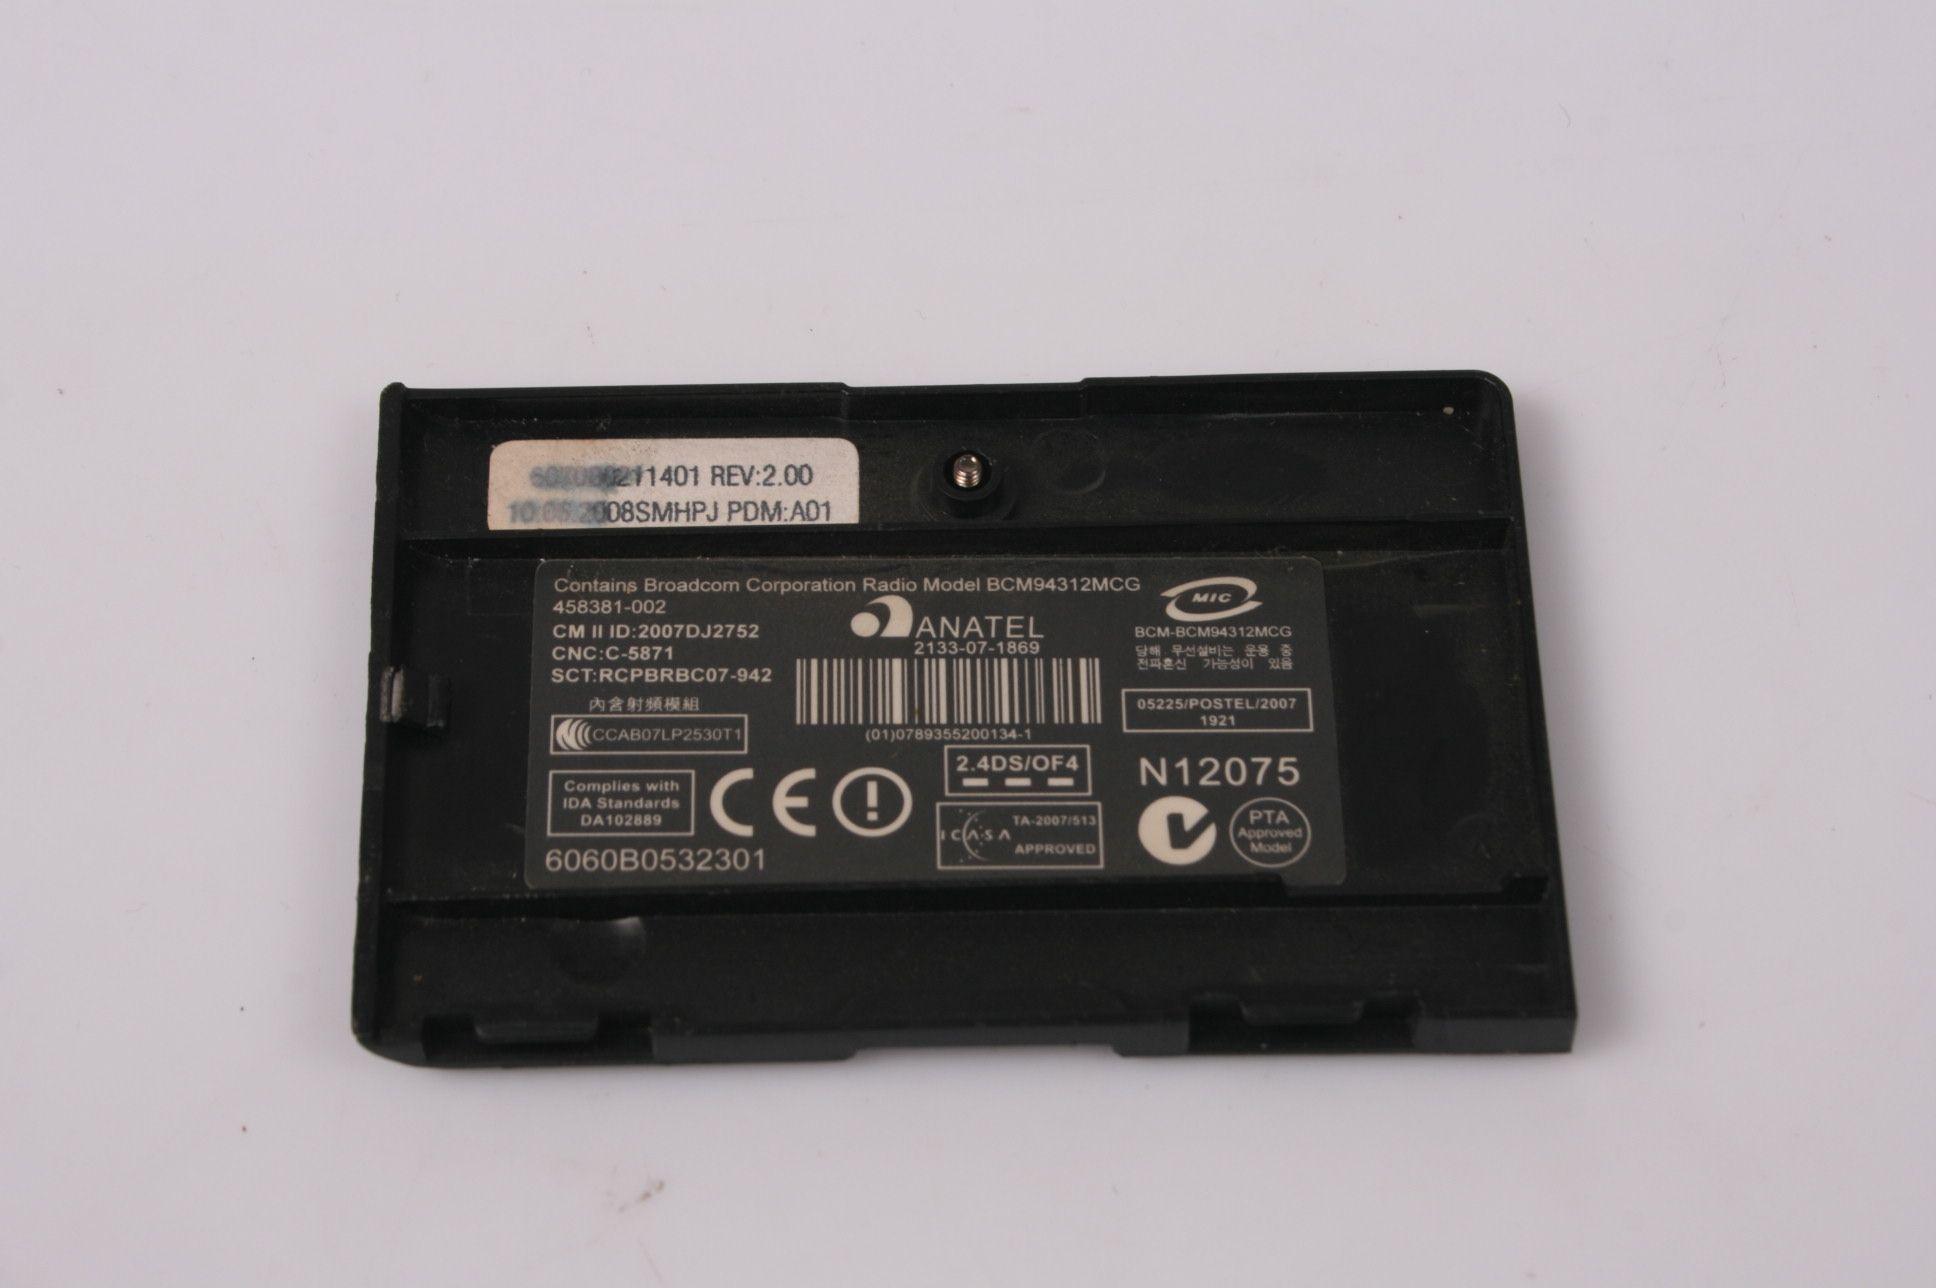 HP Compaq 6720S Wireless Cover 6060B0532301